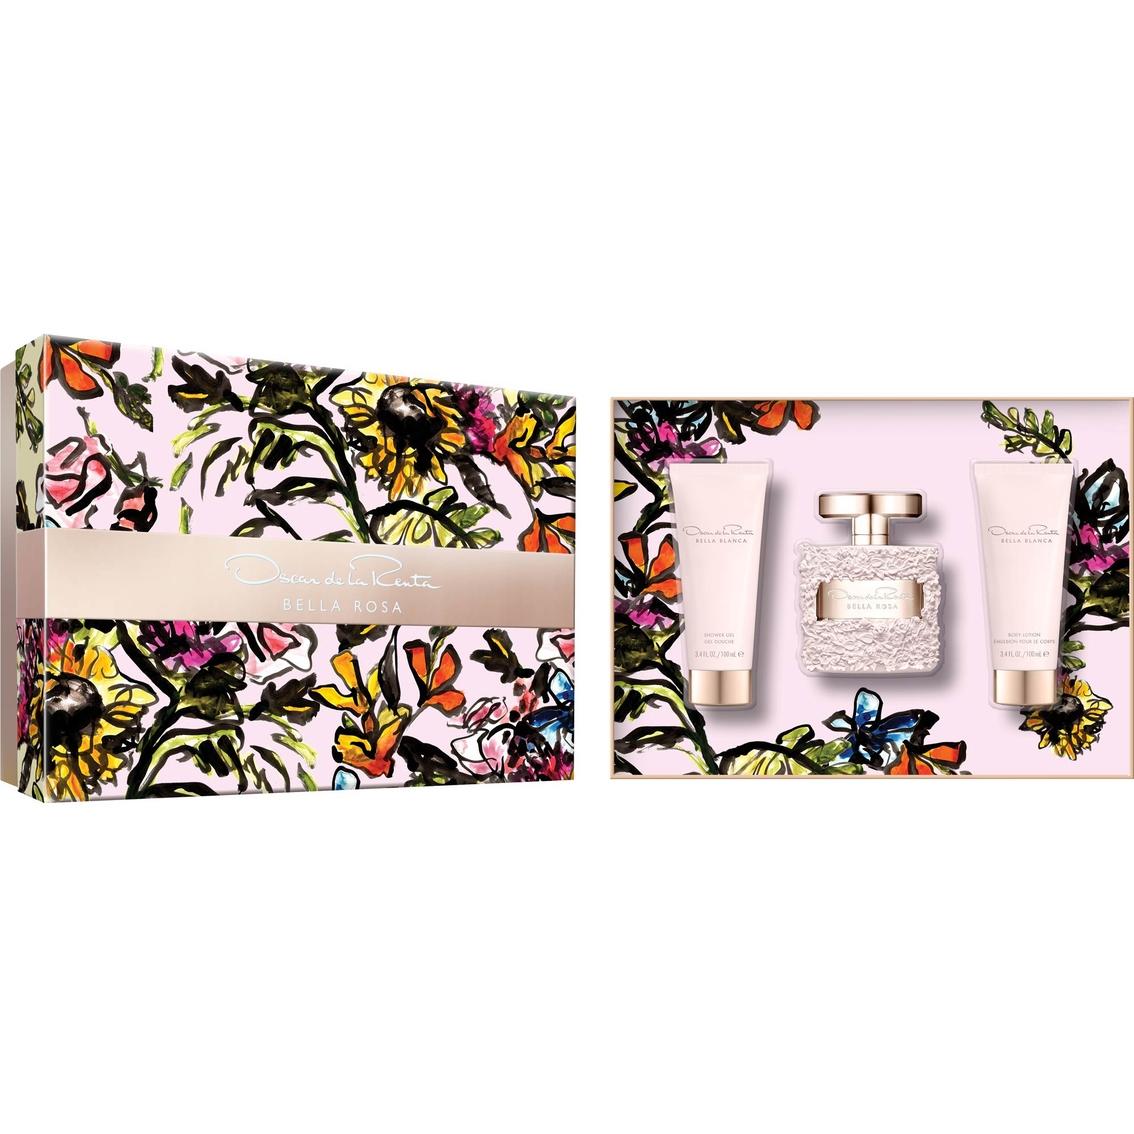 a330db87d Oscar De La Renta Oscar Bella Rosa Eau De Parfum 3 Pc. Gift Set ...